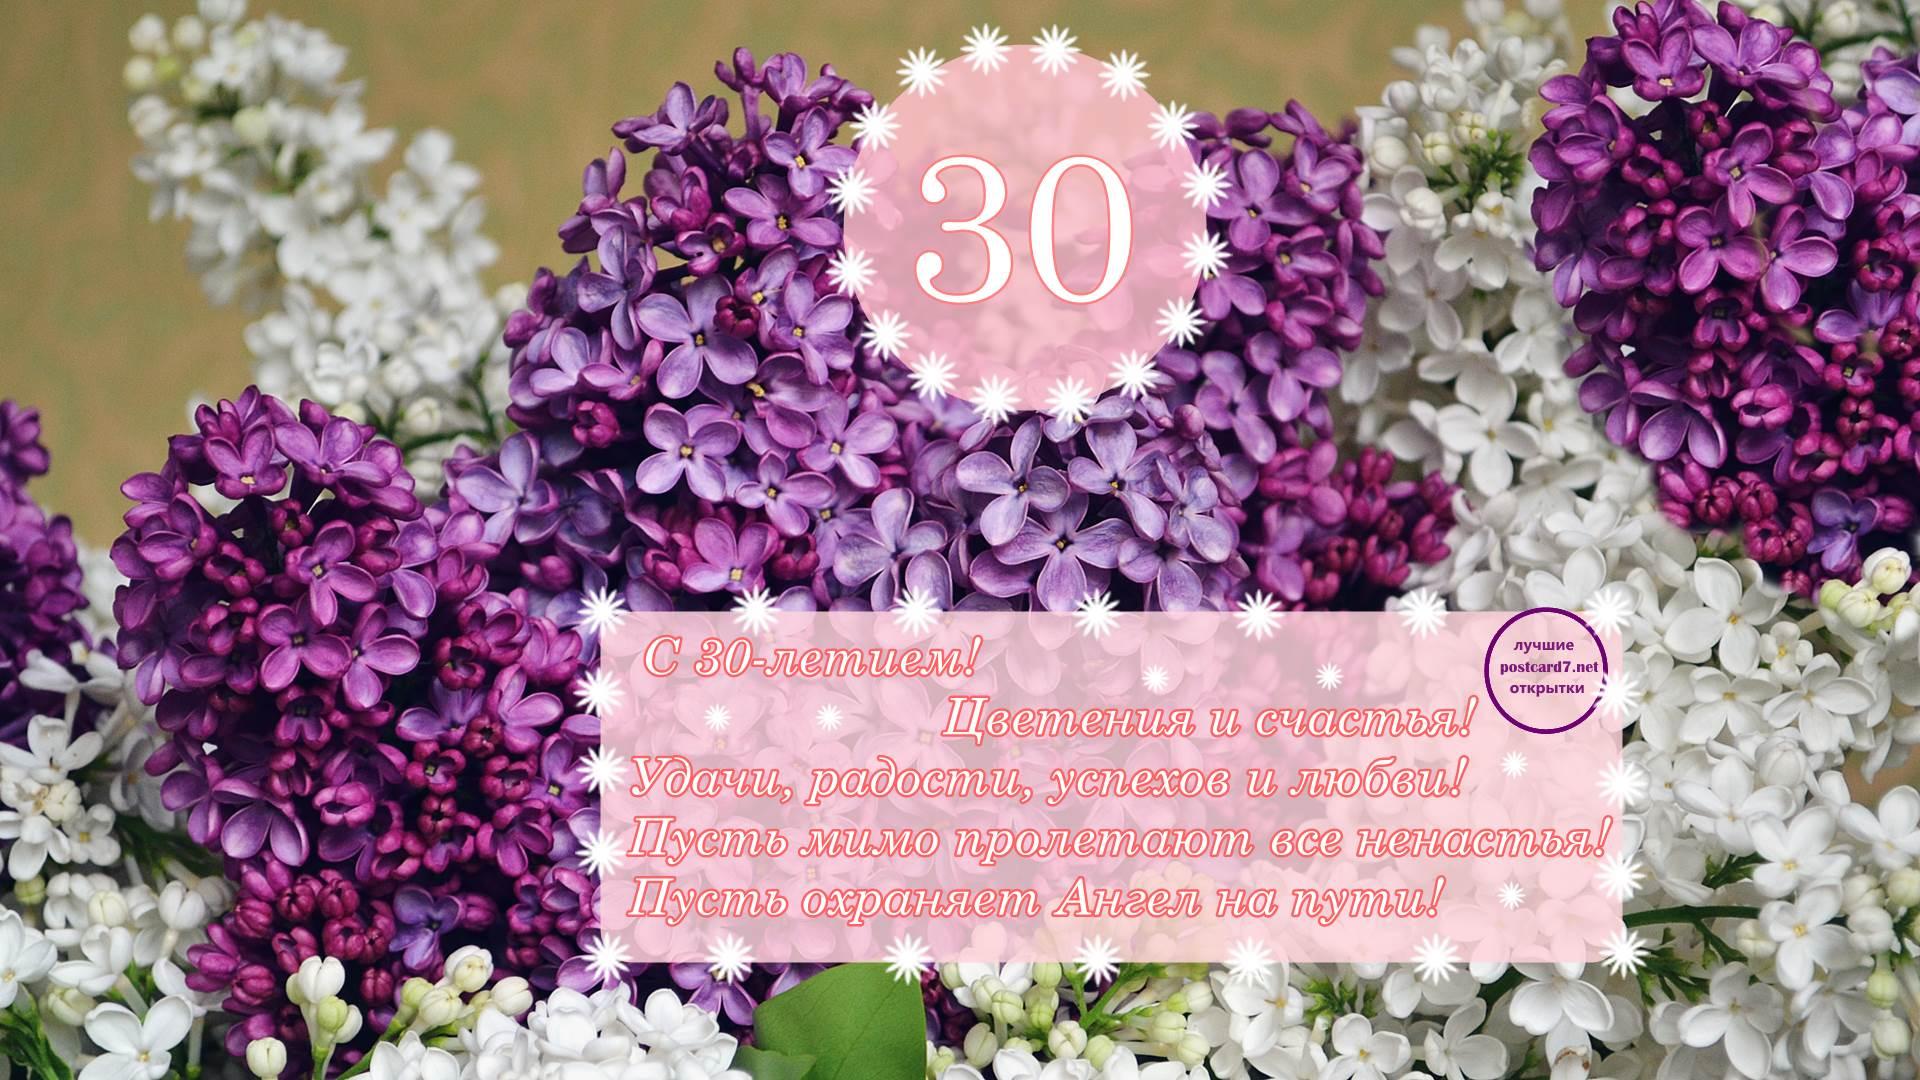 Открытка с поздравлением на 30 лет девушке, картинки день